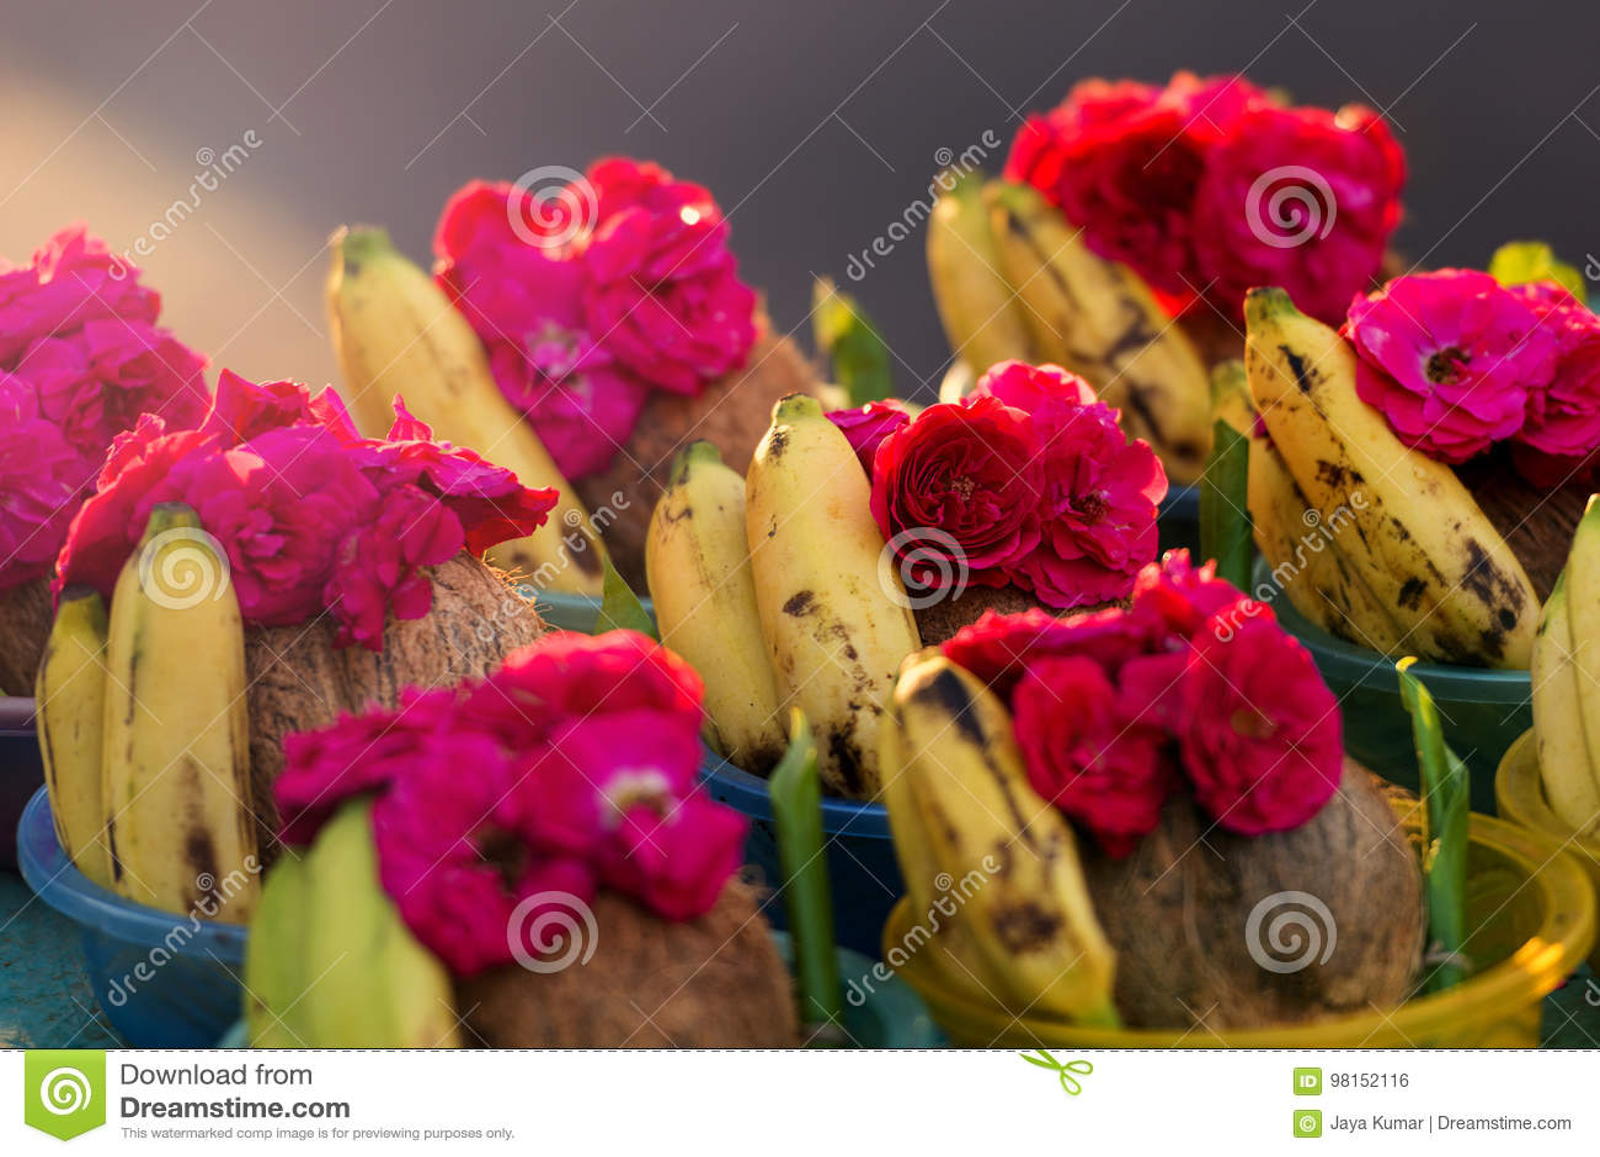 Rose et la banane se vendent dans le temple indou de Kapaleeshwarar, Chennai,